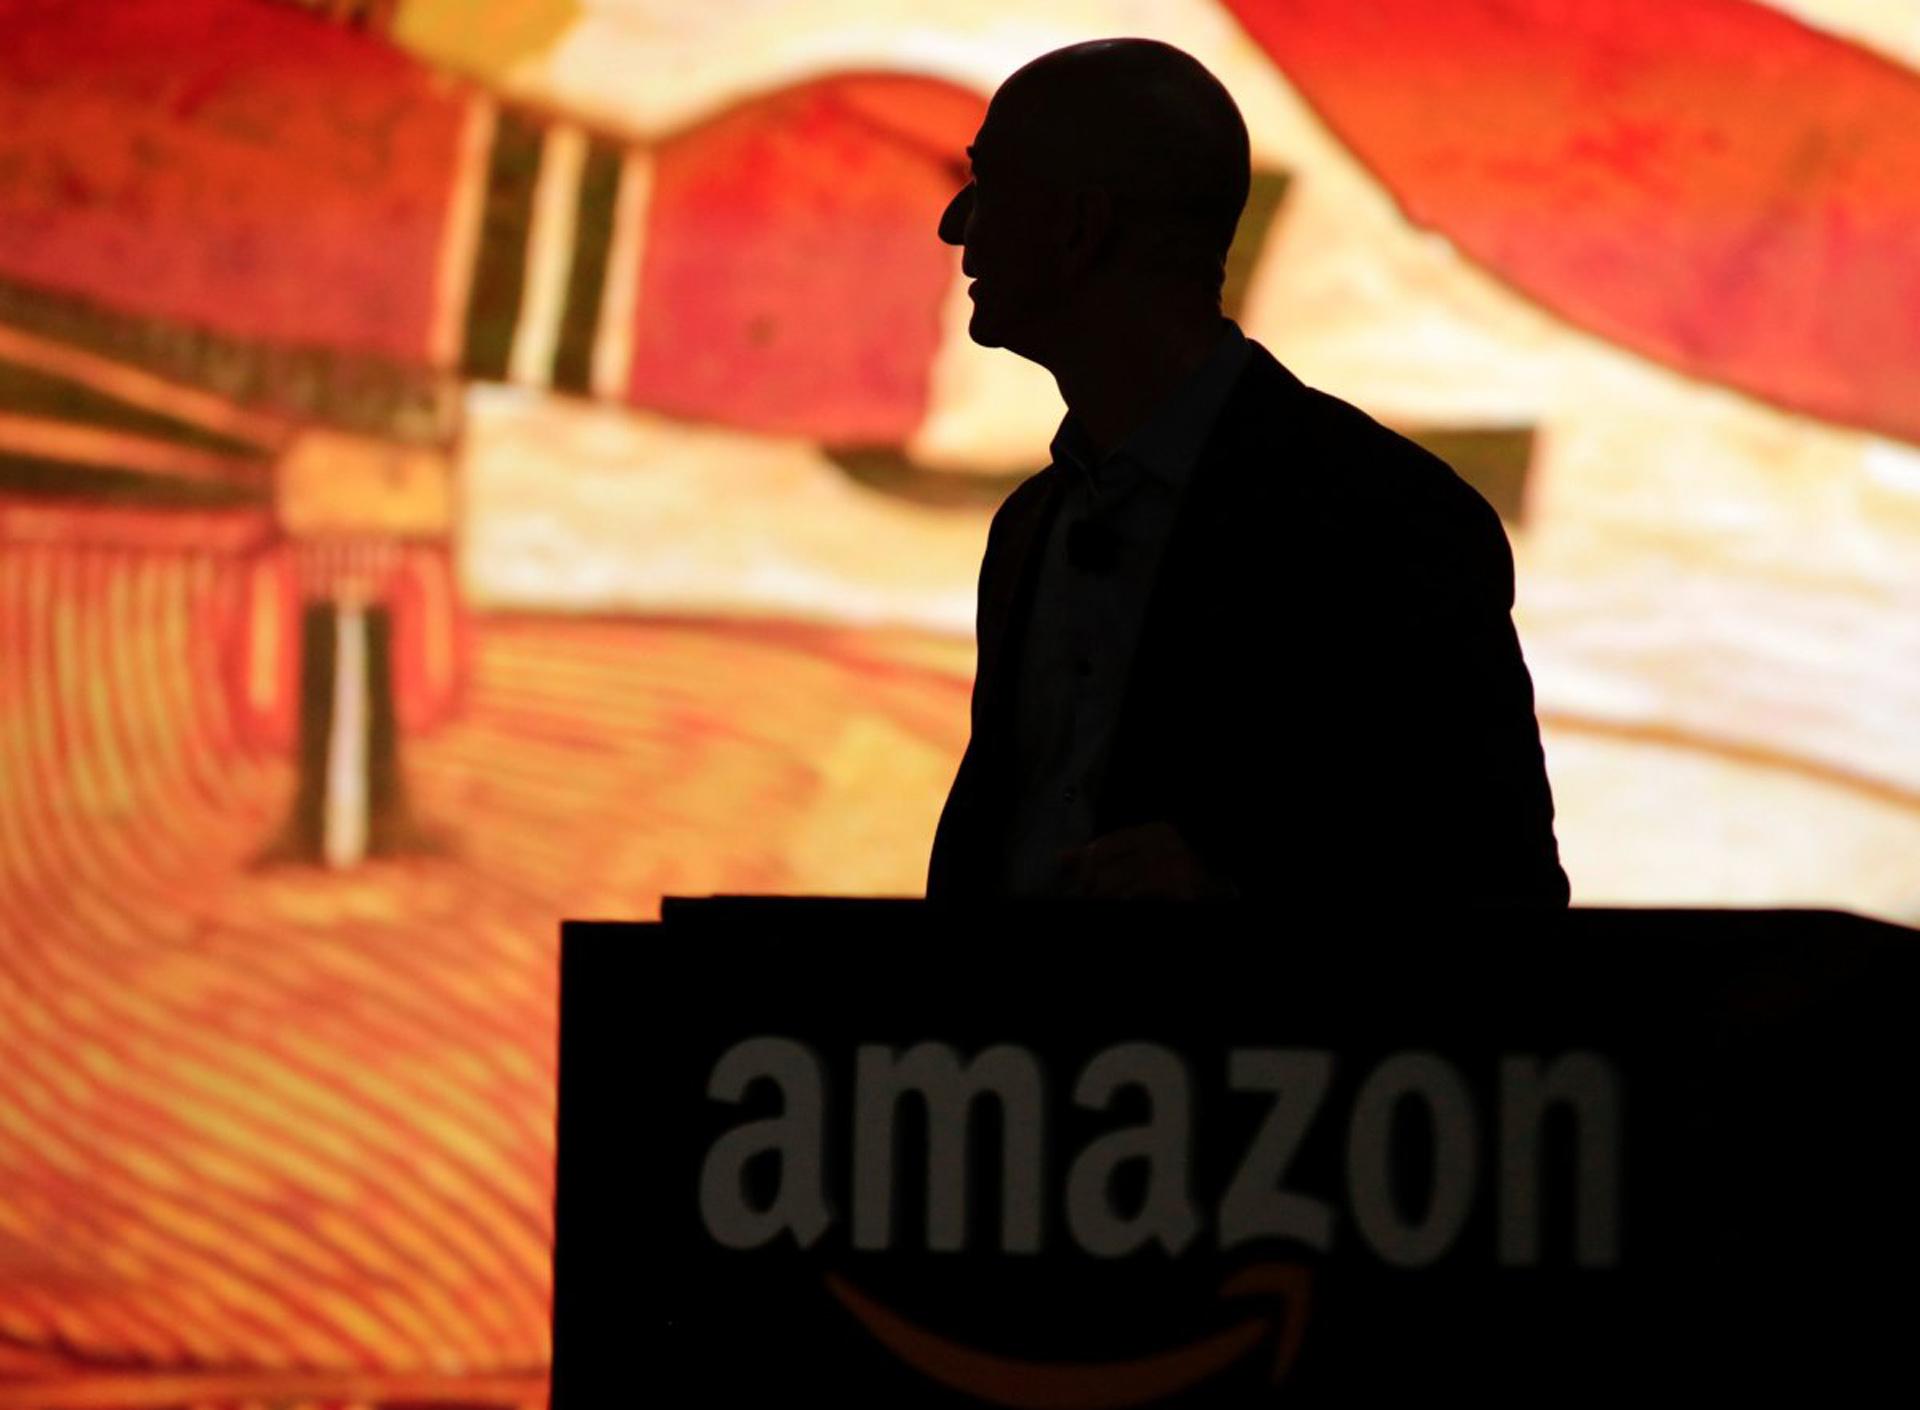 Fundó Amazon después de reconocer el potencial de la web